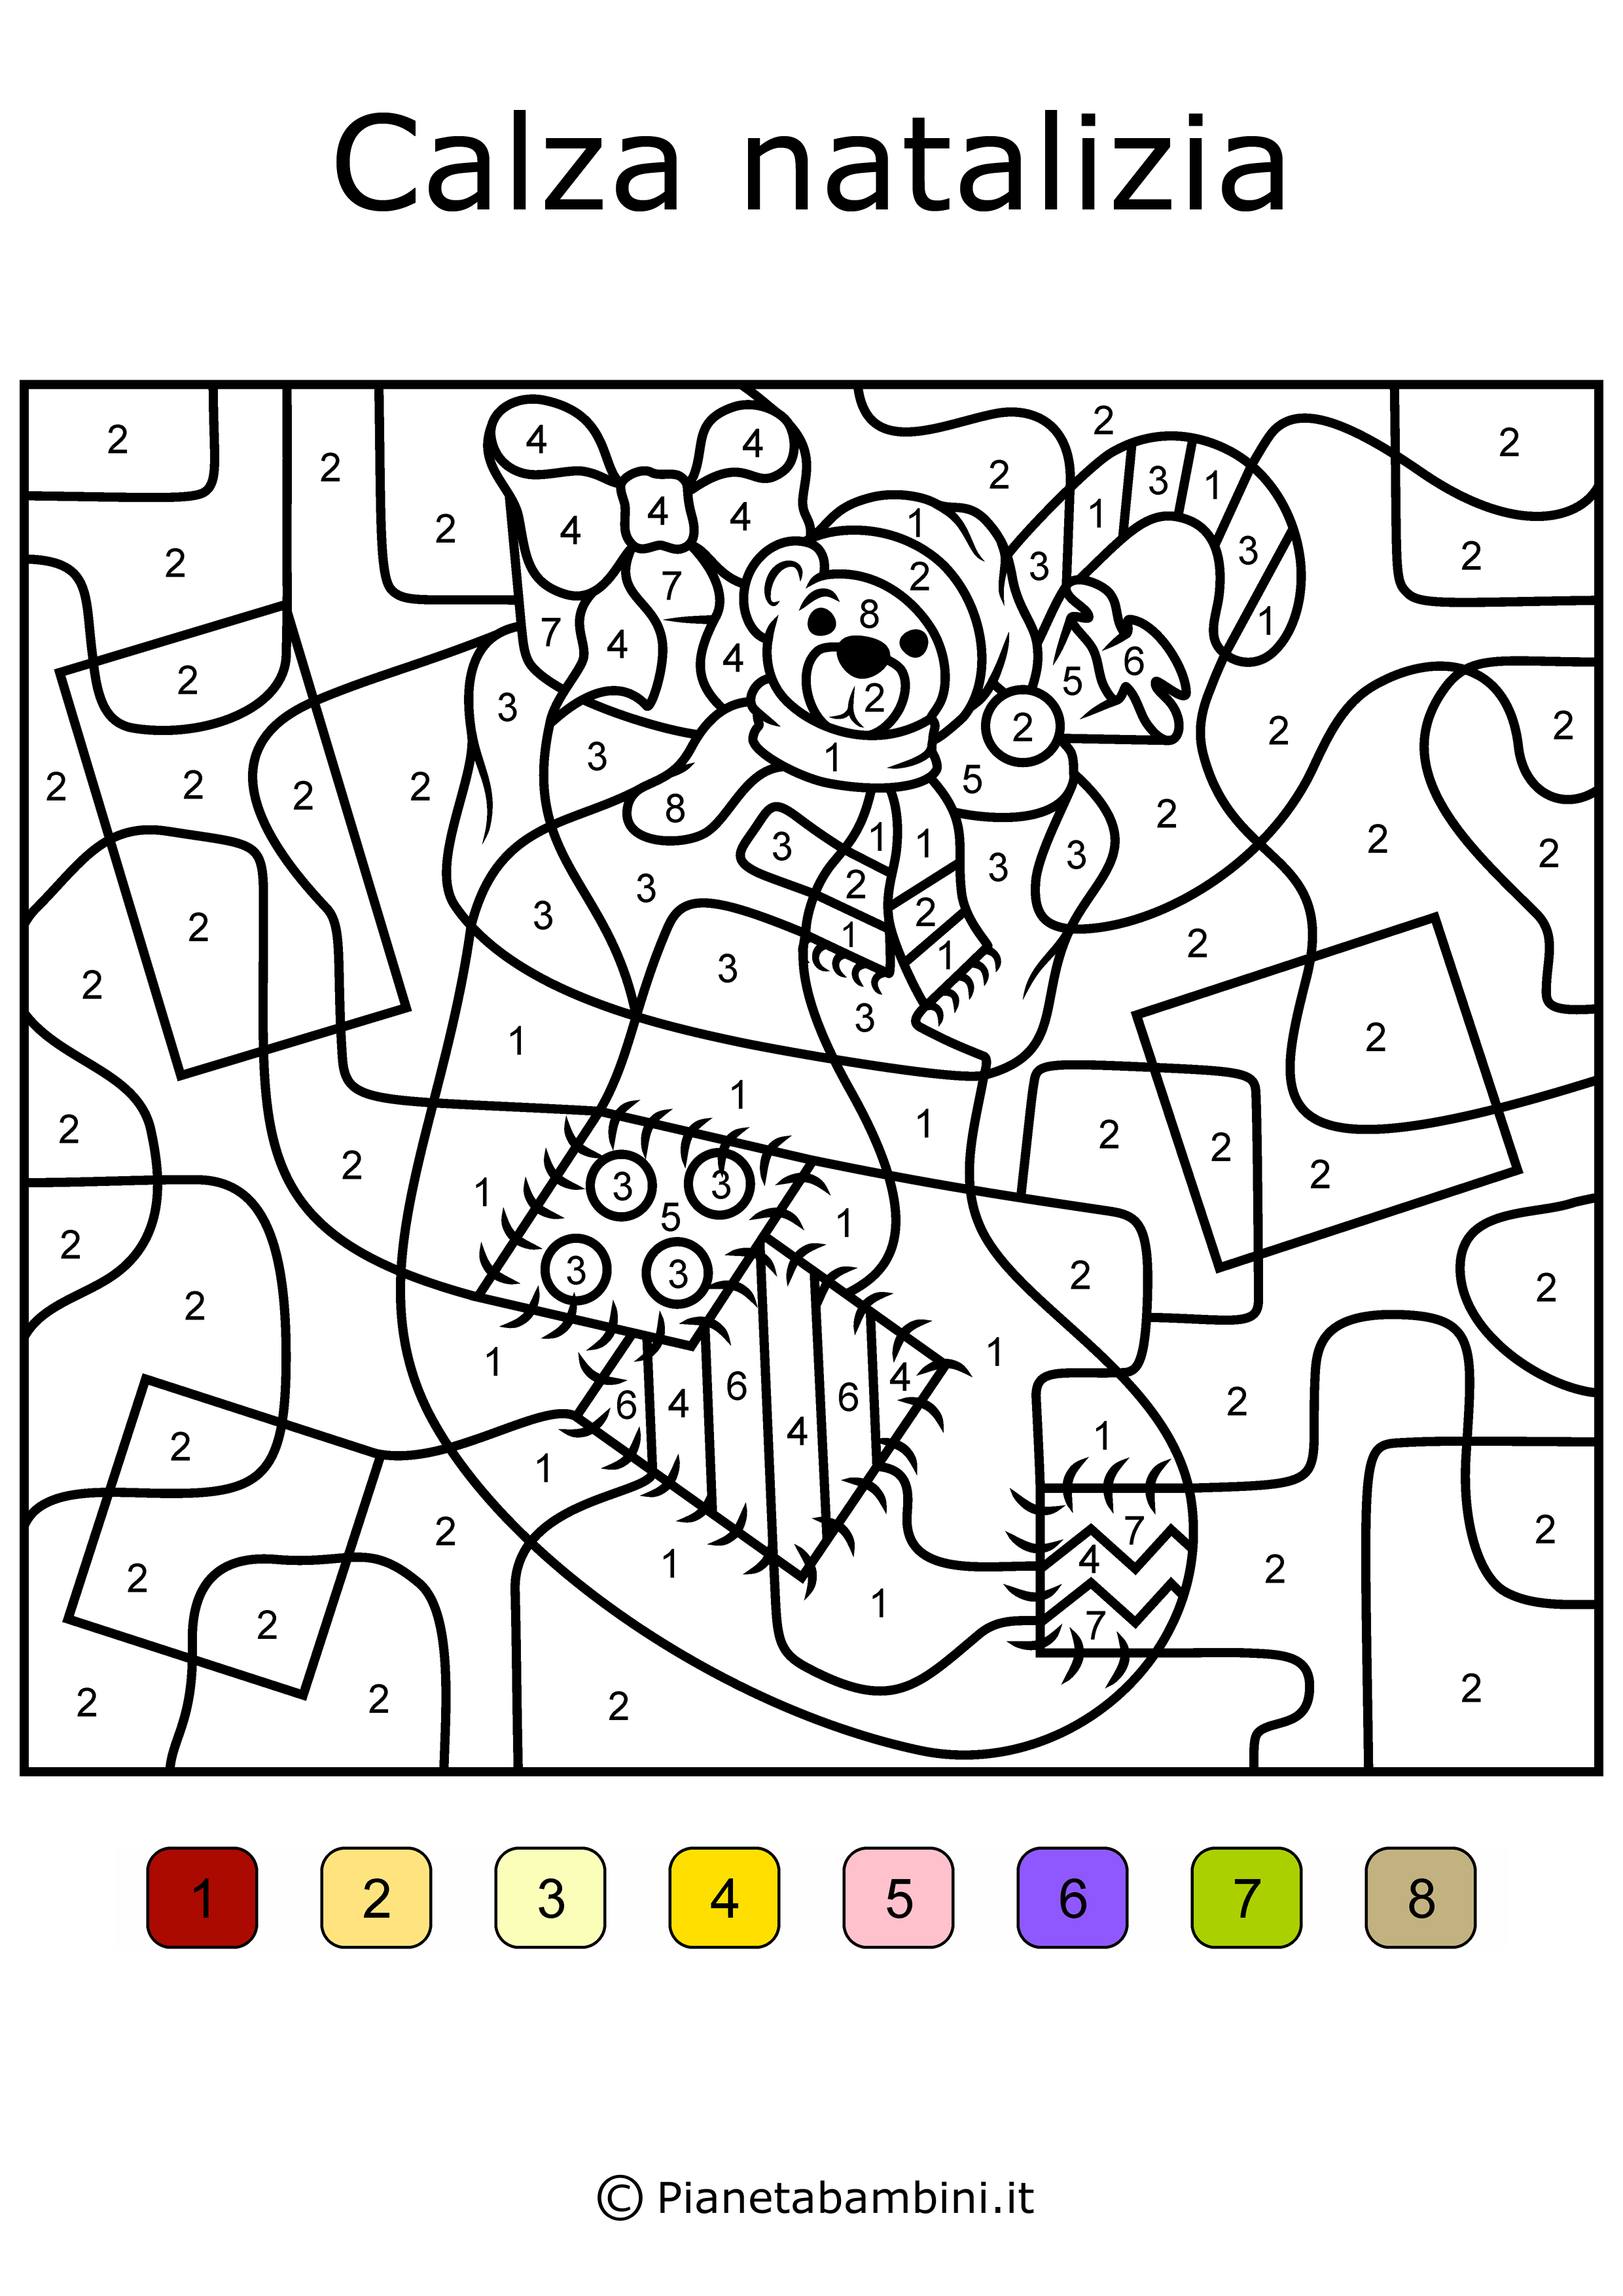 Conta-e-Colora-Difficile-Calza-Natalizia